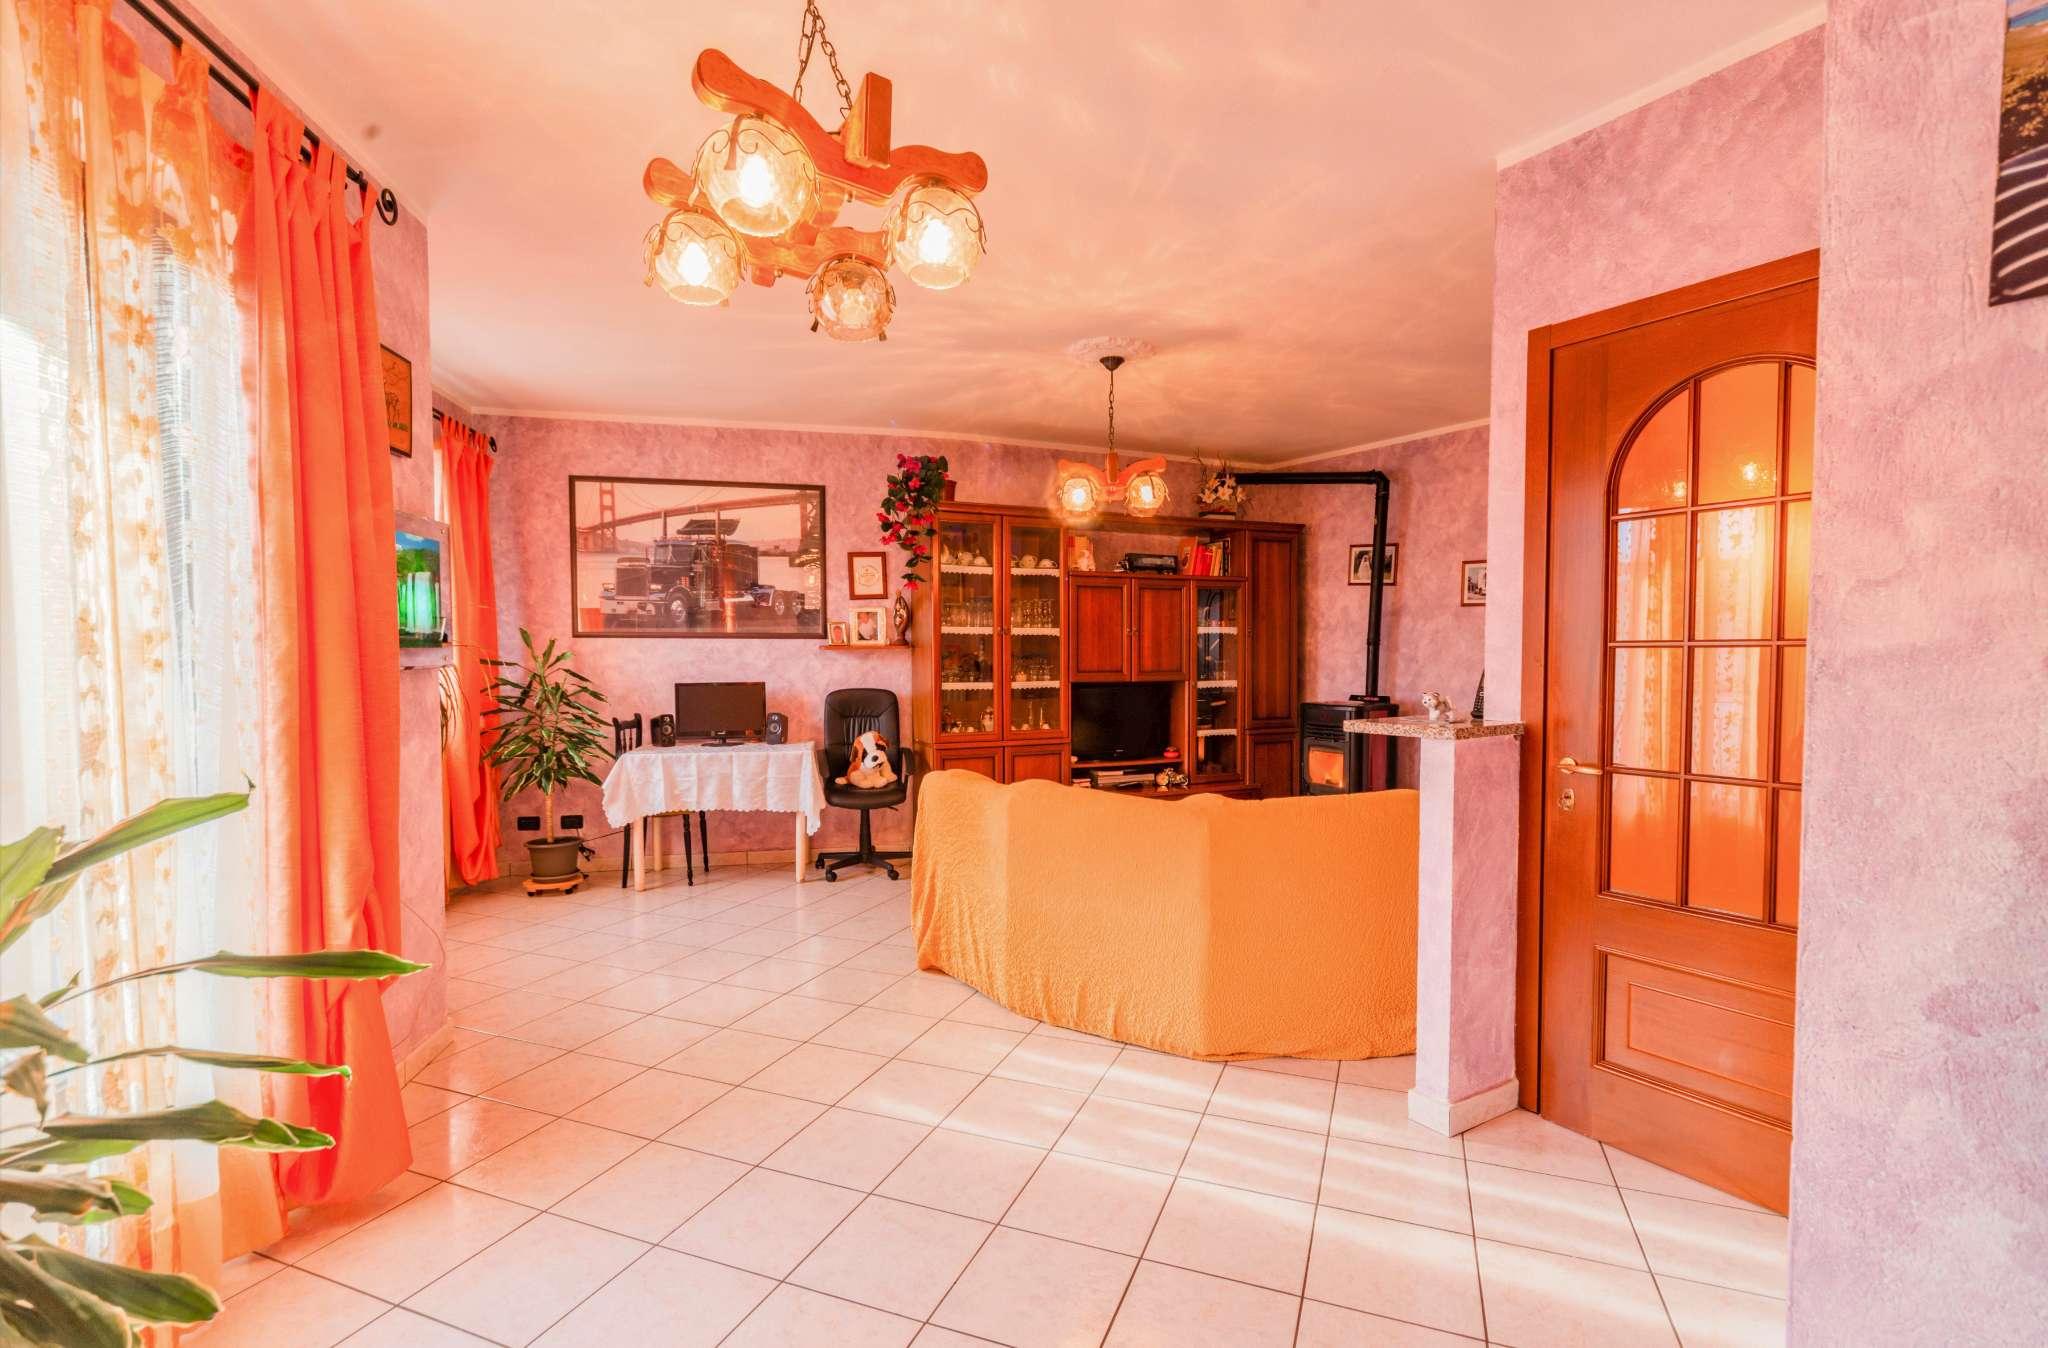 Soluzione Semindipendente in vendita a Bernezzo, 6 locali, prezzo € 167.000 | PortaleAgenzieImmobiliari.it